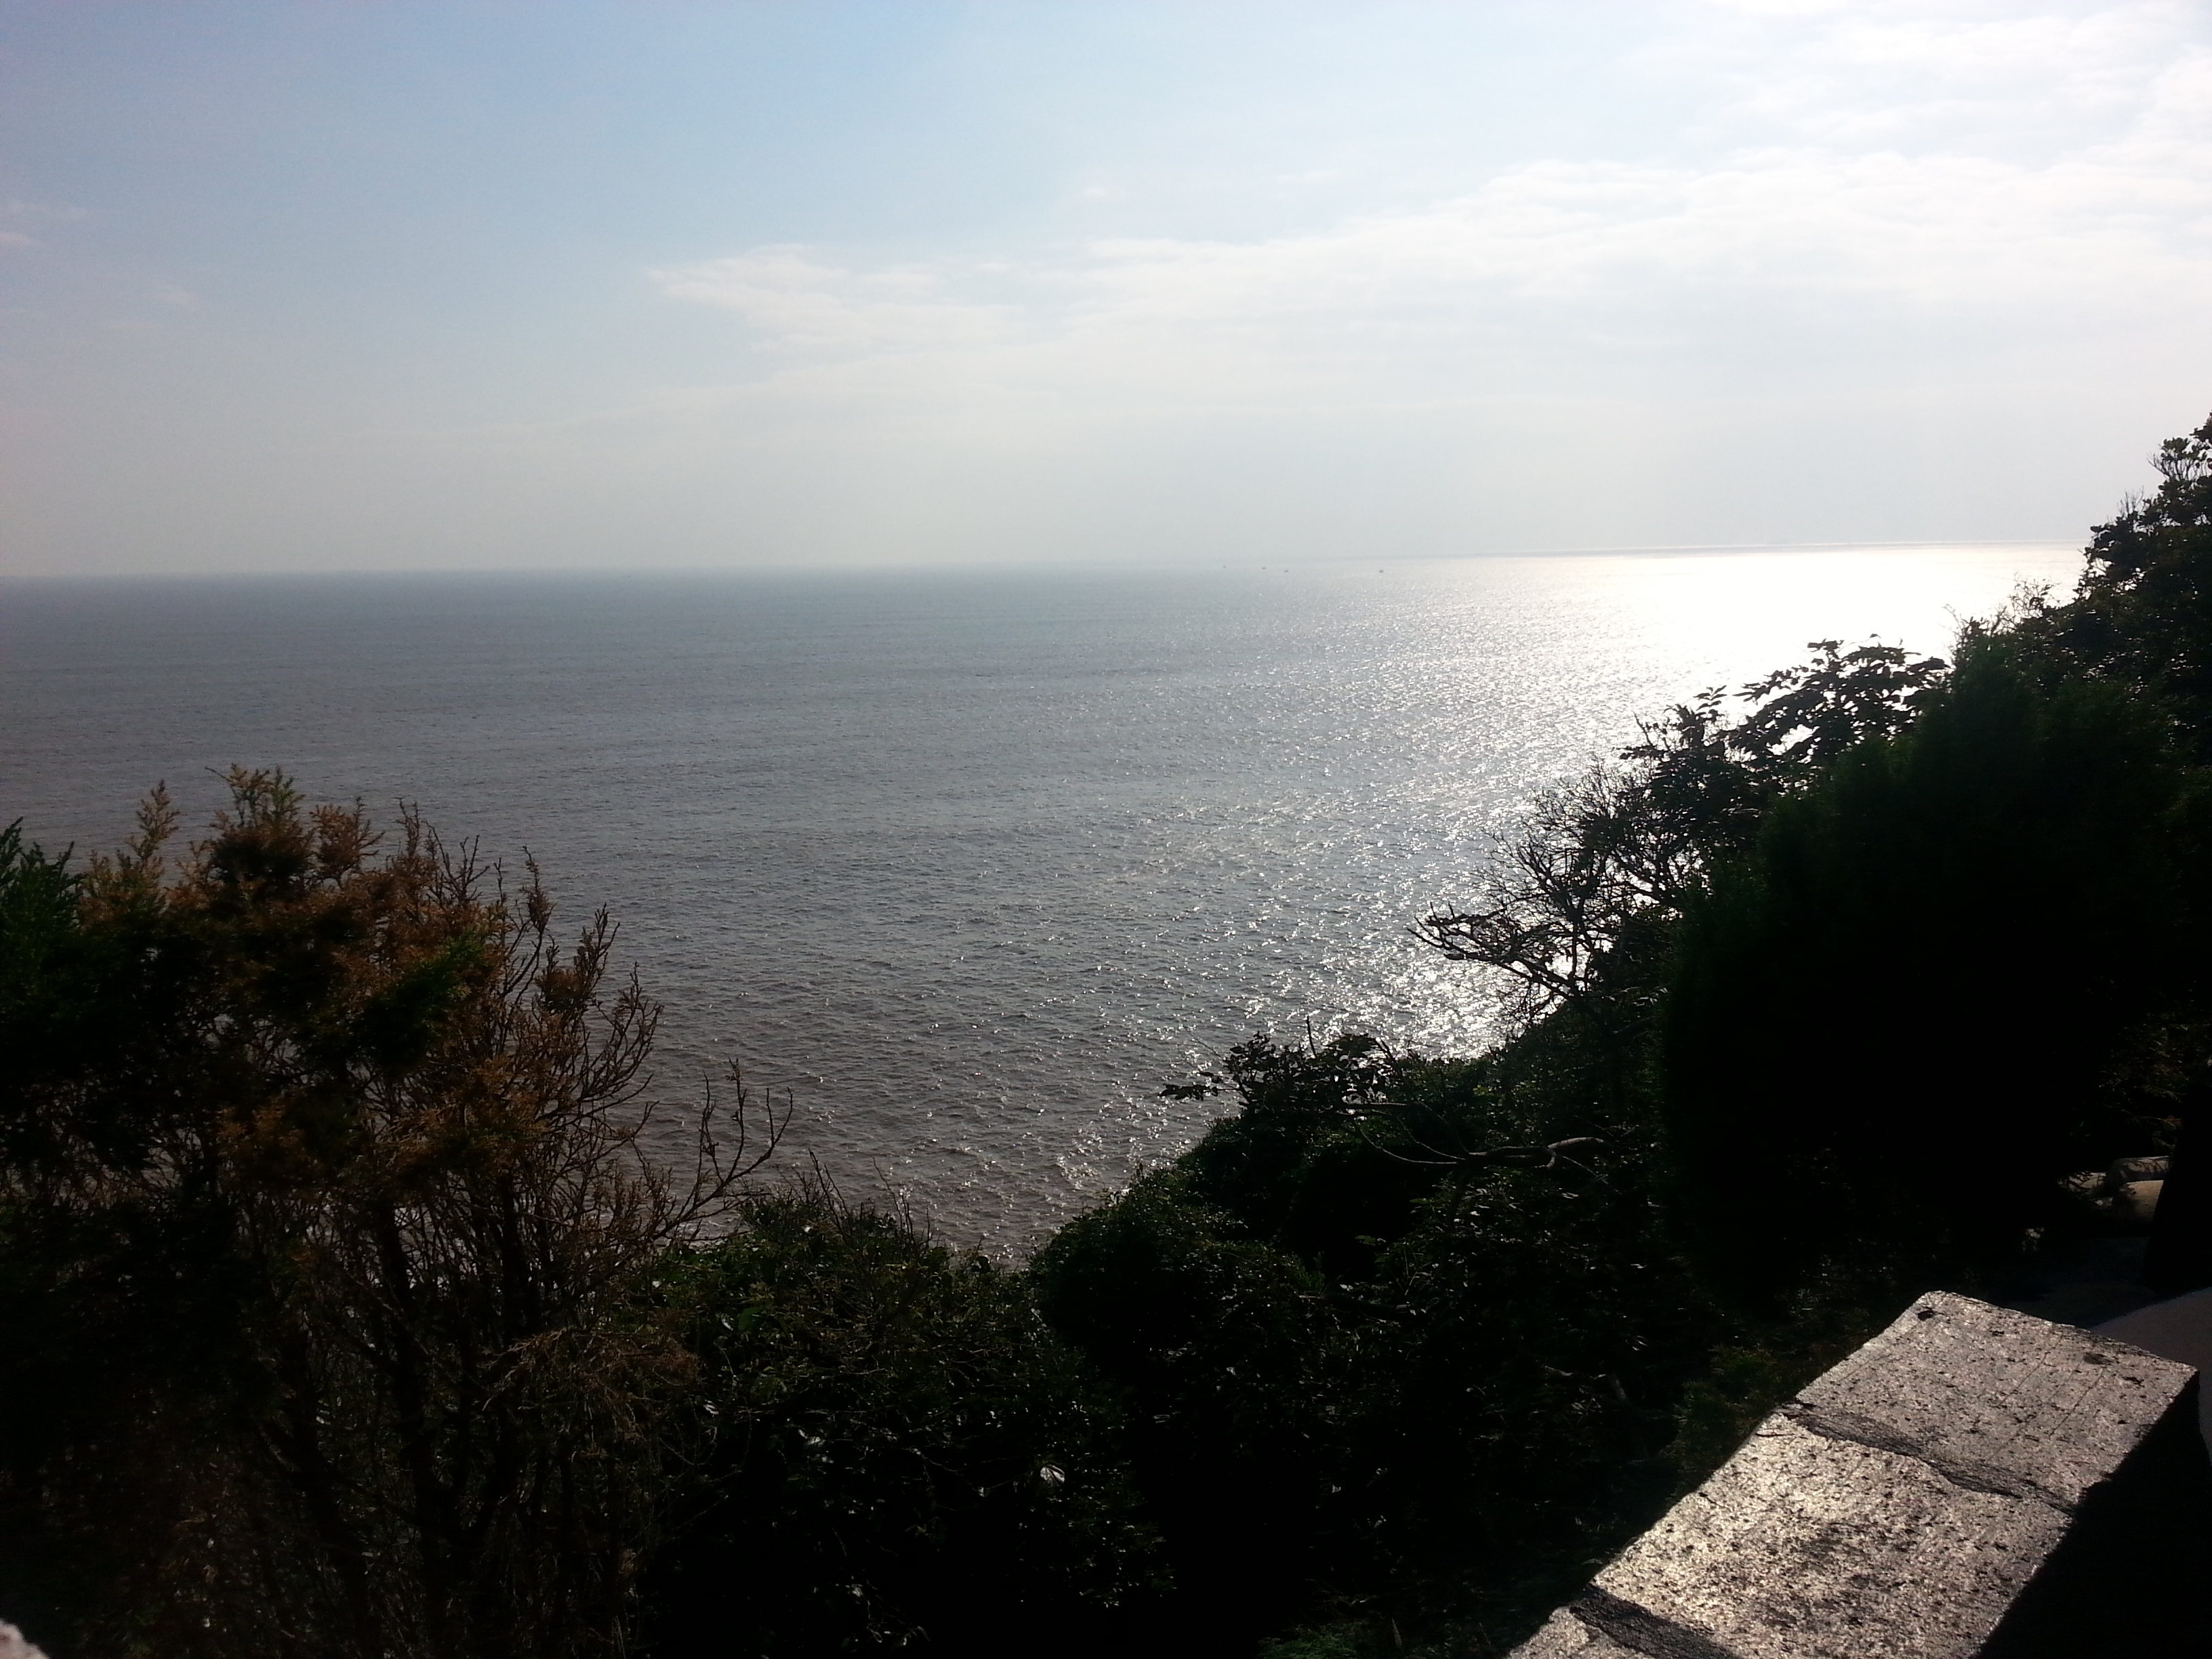 位于浙江省舟山市普陀山东南约五公里处的一个小岛